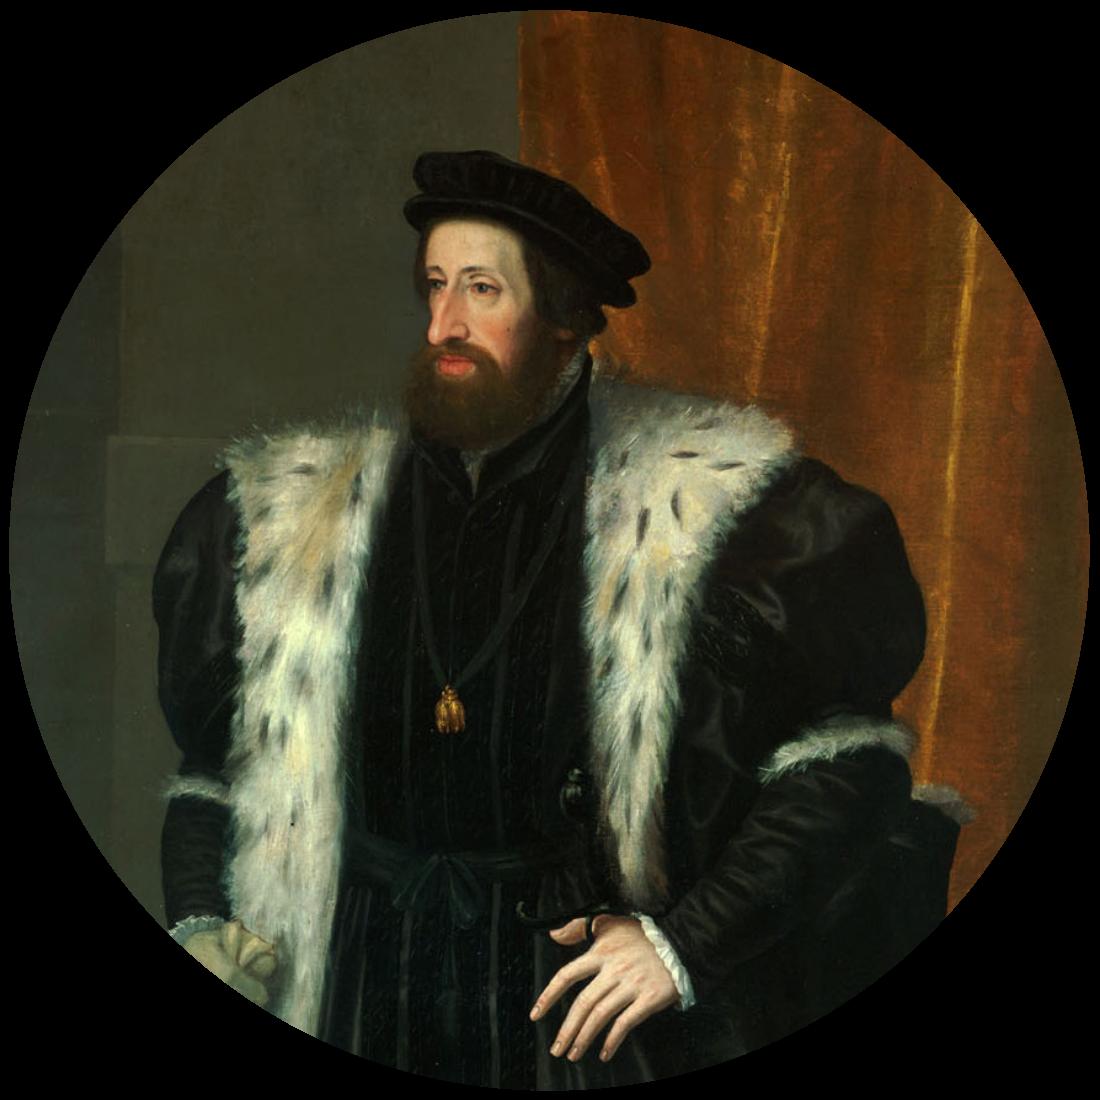 Portret van Keizer Ferdinand I door Hans Bocksberger de Oudere naar een schilderij van Jakob Seisenegger (midden 16de eeuw), Kunsthistorisches Museum, Wenen, Oostenrijk